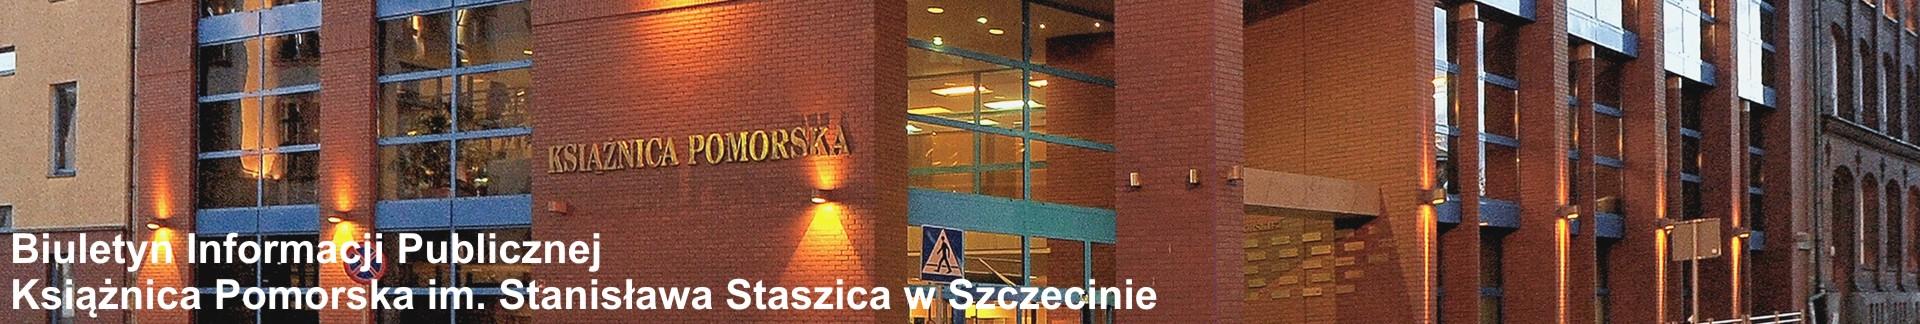 Budynek Biblioteki od strony ul. Rybackiej